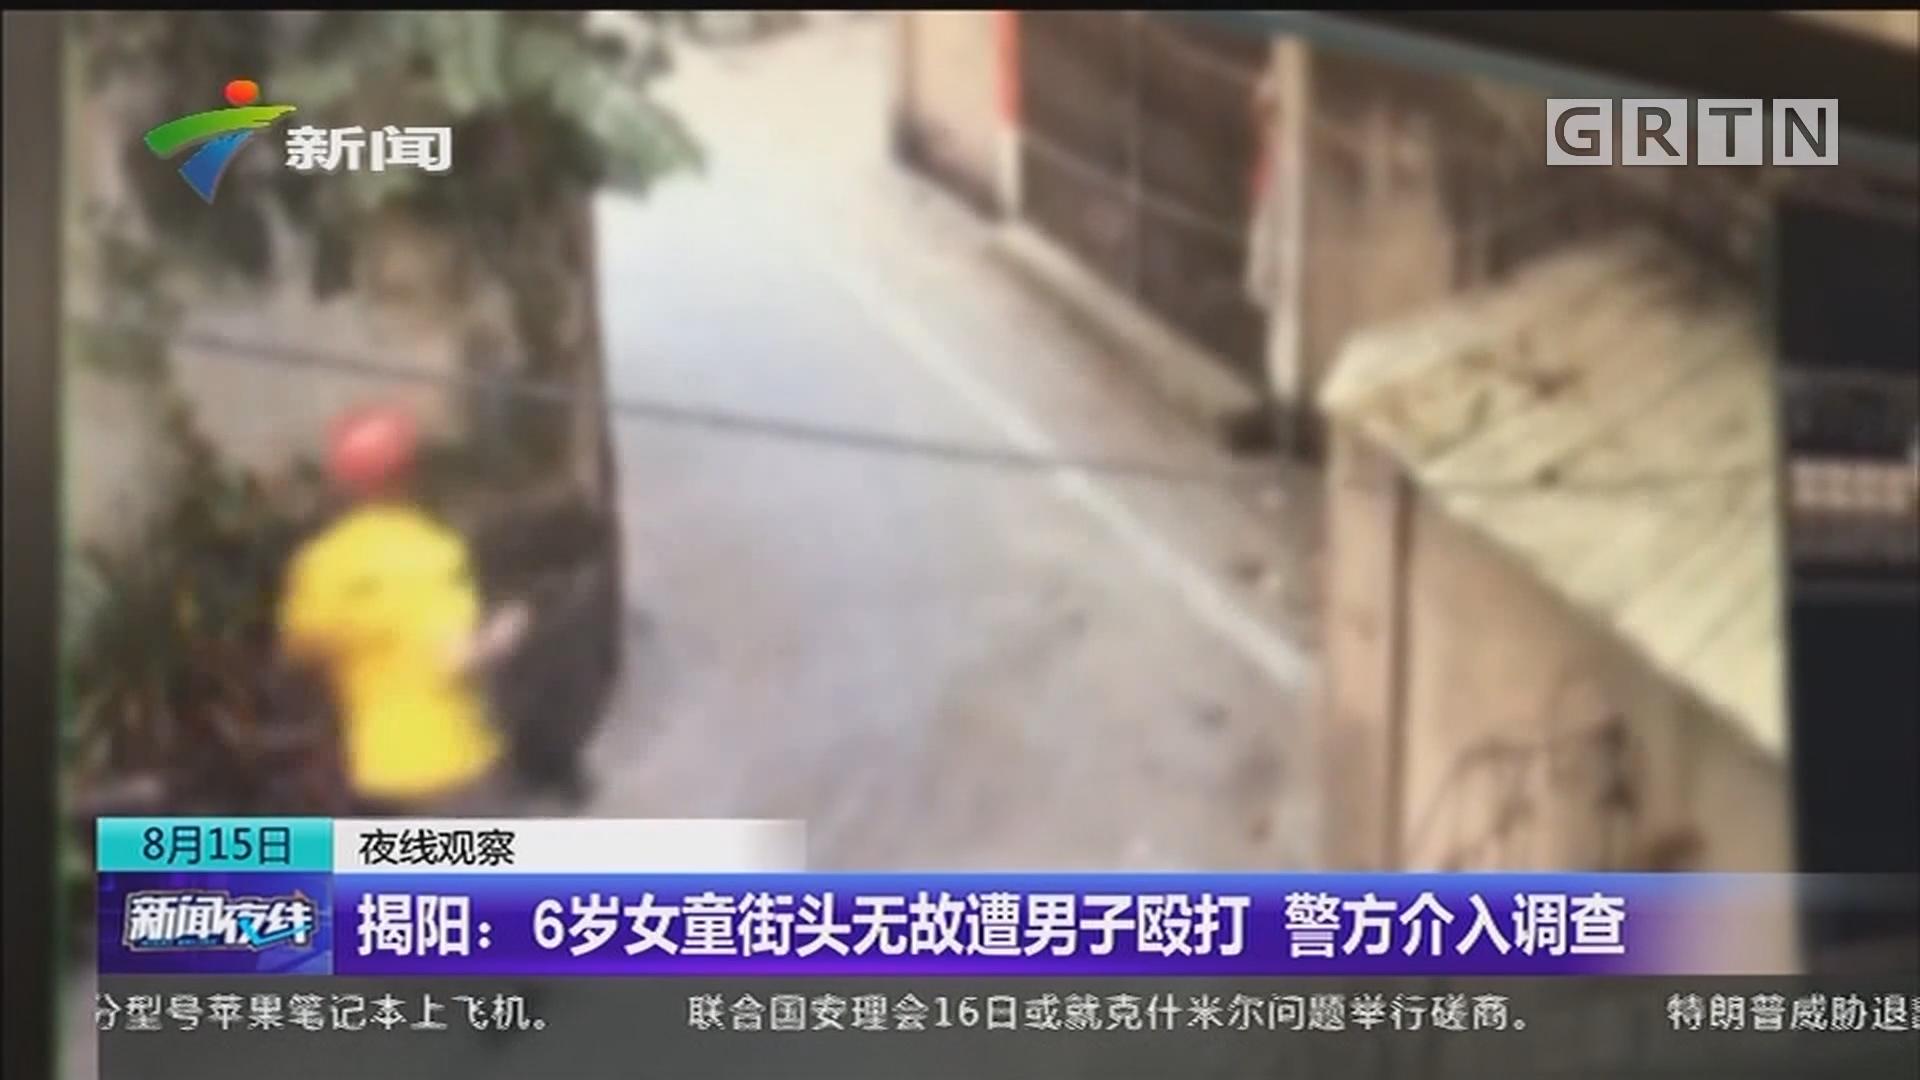 揭阳:6岁女童街头无故遭男子殴打 警方介入调查